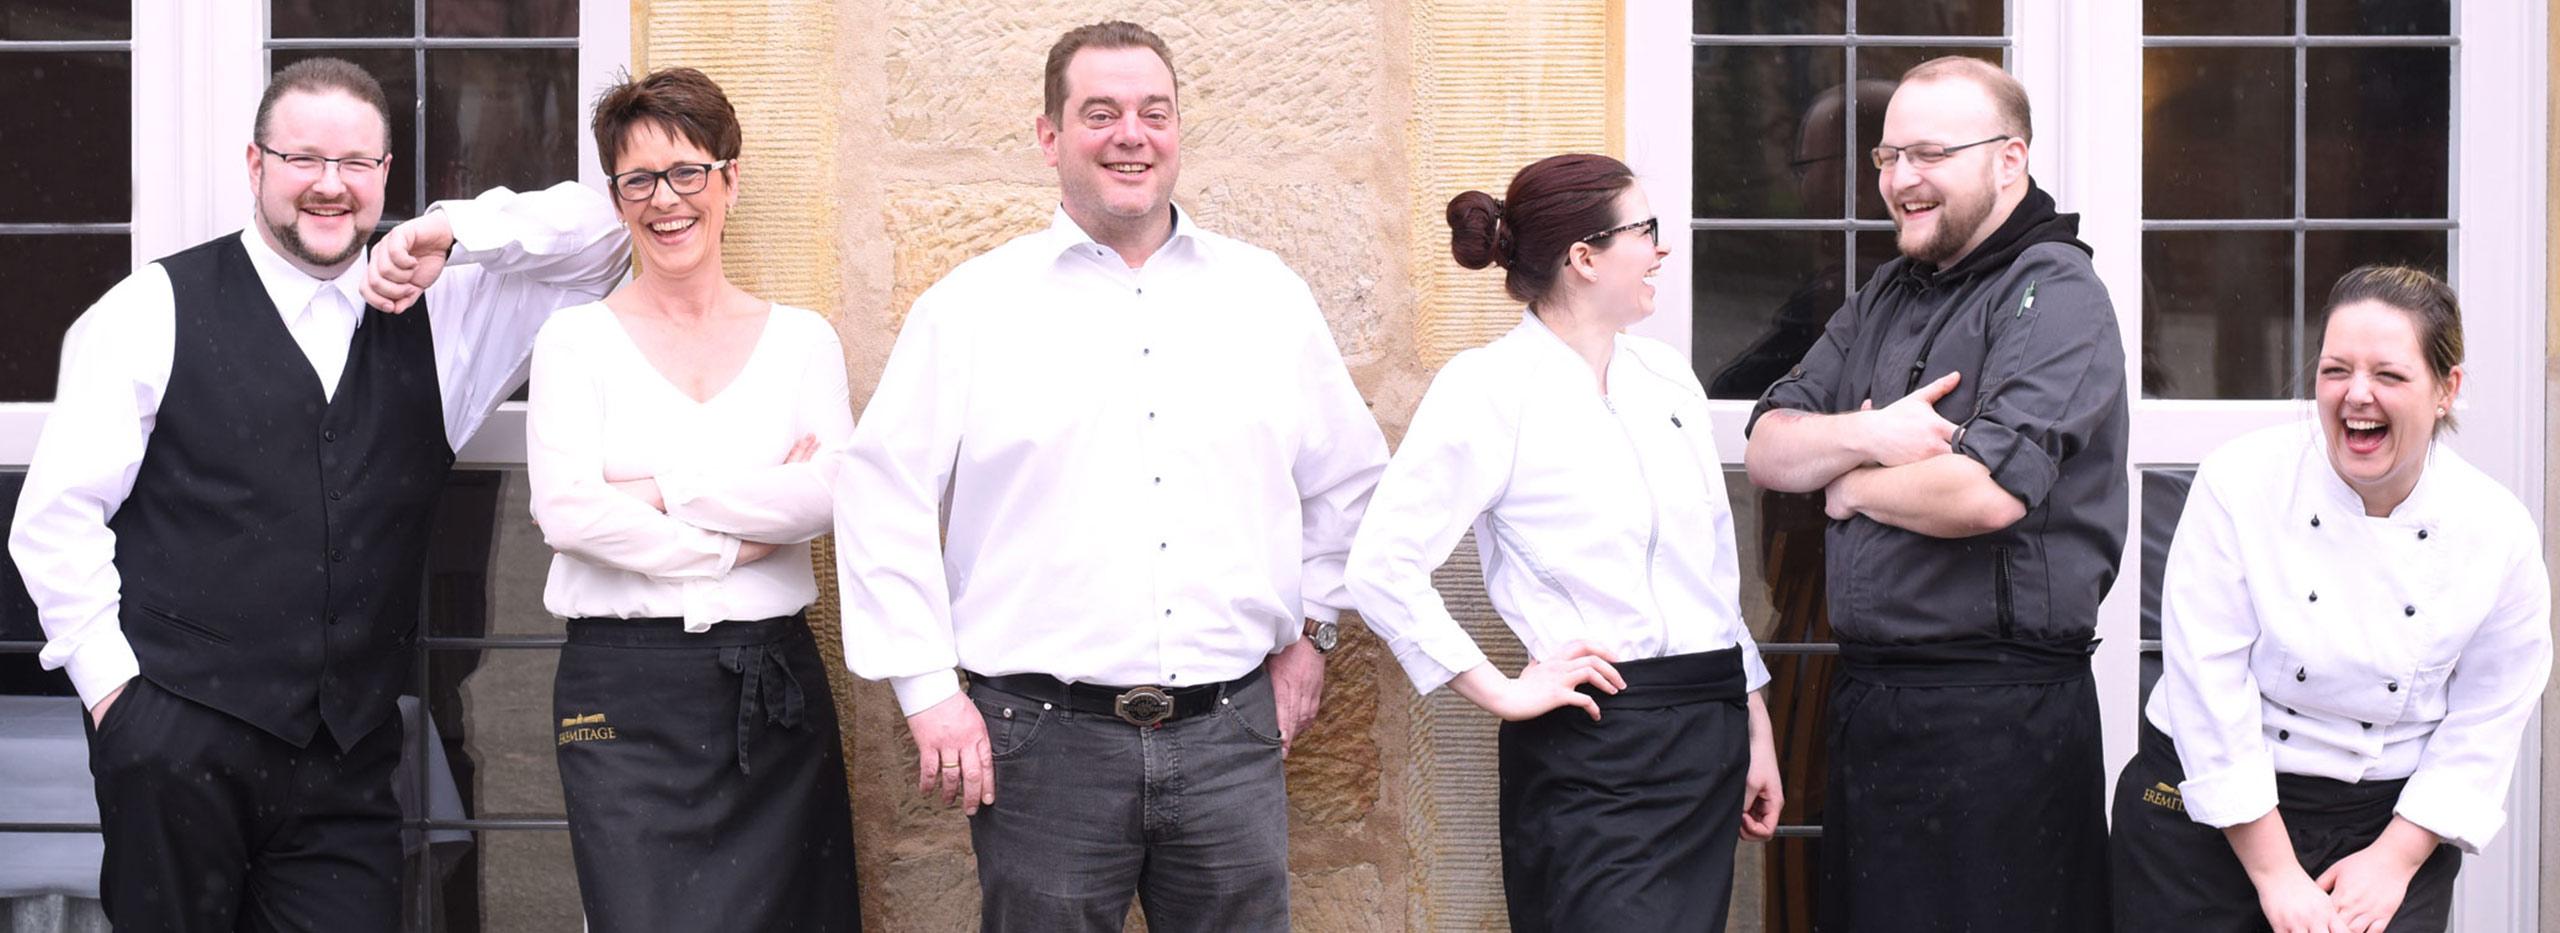 Das Team der Eremitenklause Bayreuth, Ihrem Restaurant nahe der Eremitage.